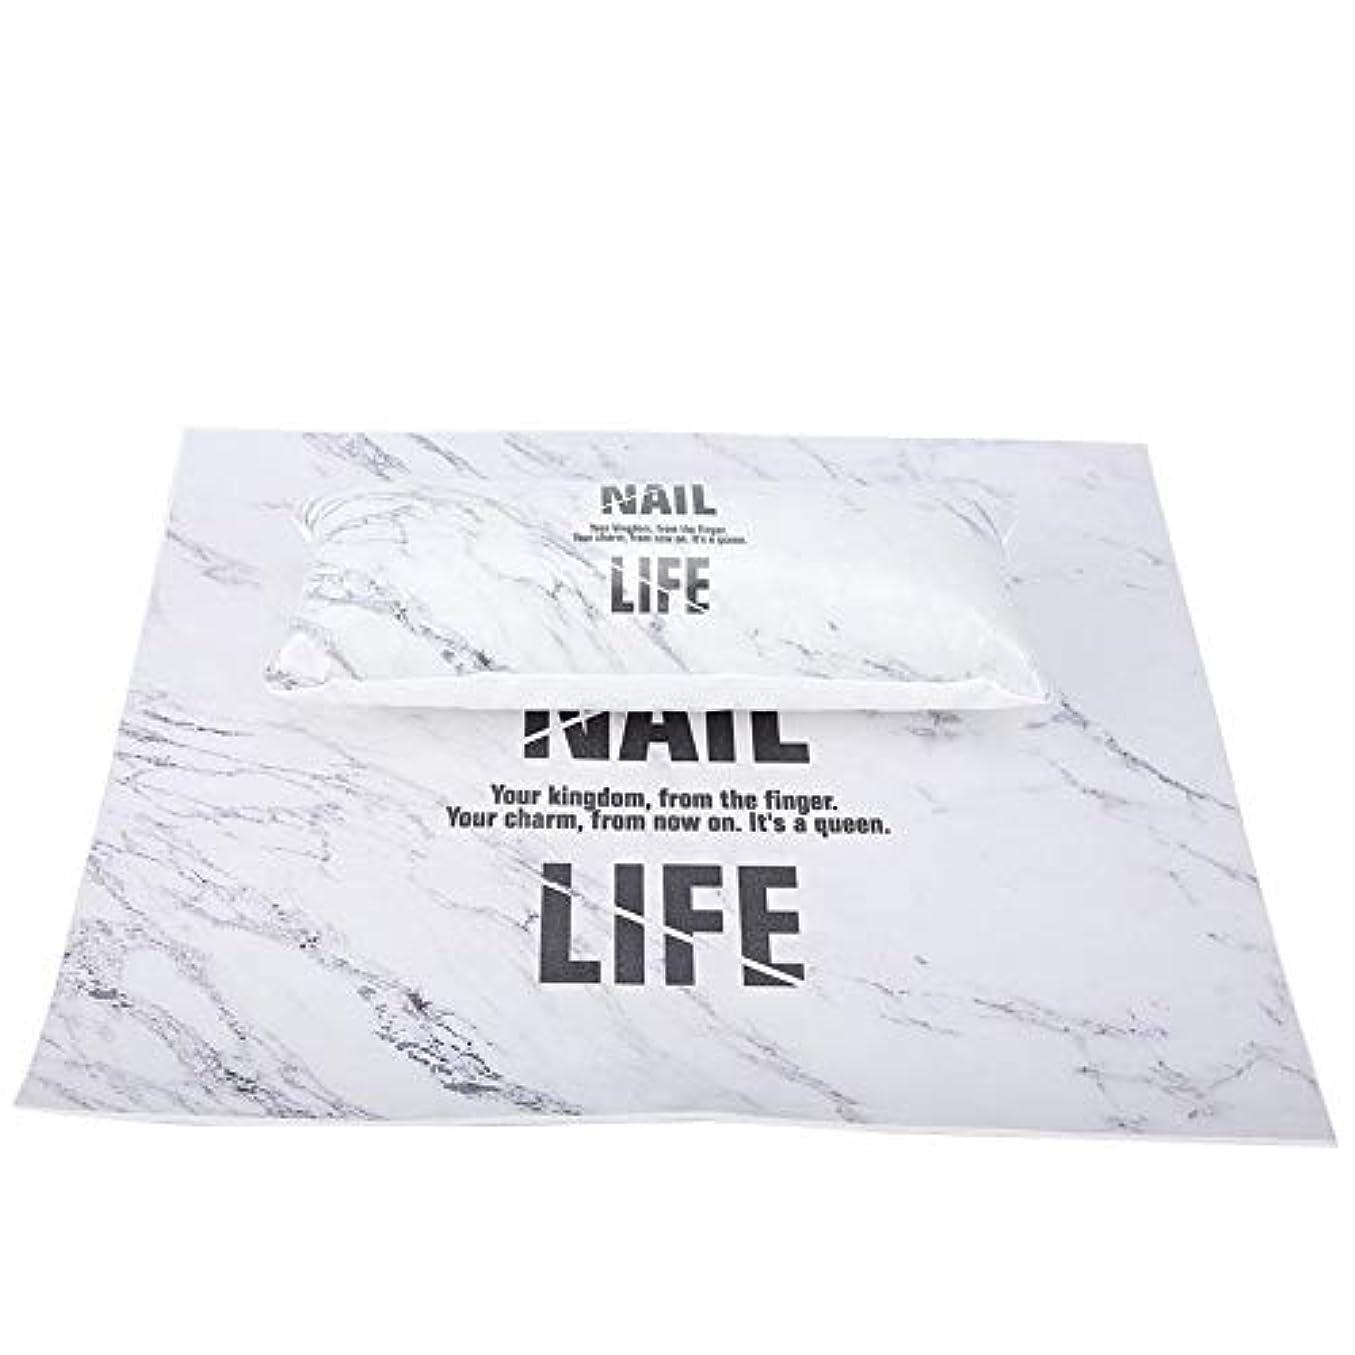 社会科実験的軽食洗えるマニキュアテーブルマット、ネイルアートハンドピロー(大理石)